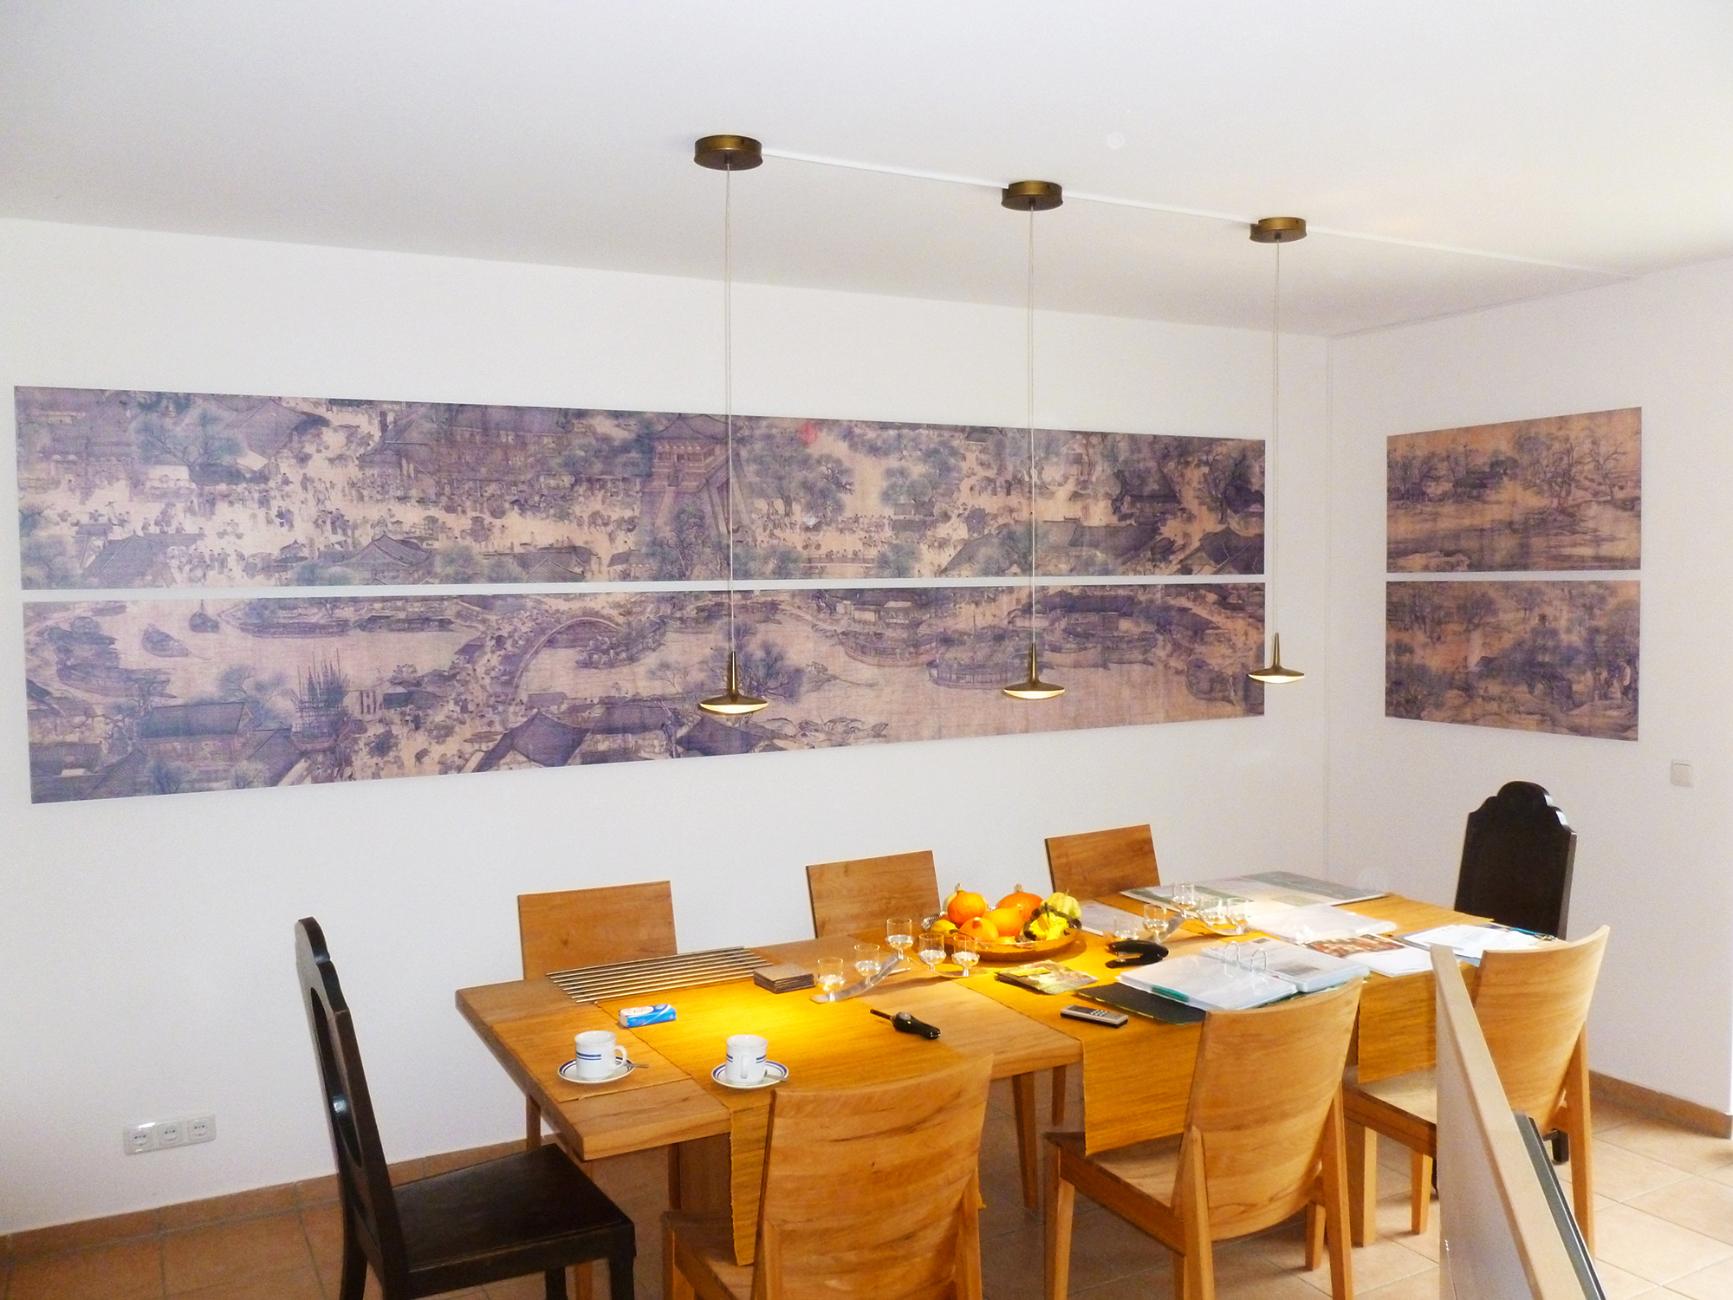 druck von fotos und bilder auf alu dibond in hamburg direktdruck hamburg. Black Bedroom Furniture Sets. Home Design Ideas